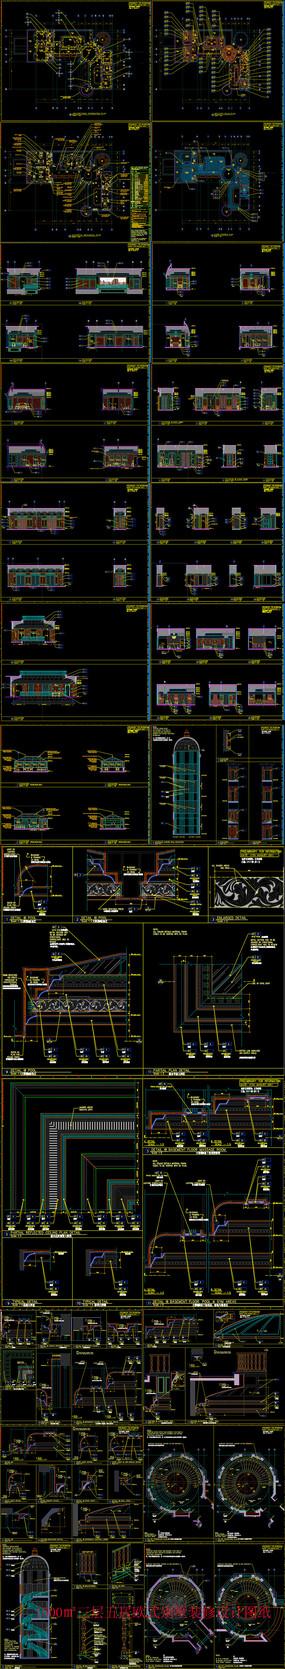 1500㎡三层五居欧式别墅装修设计图纸